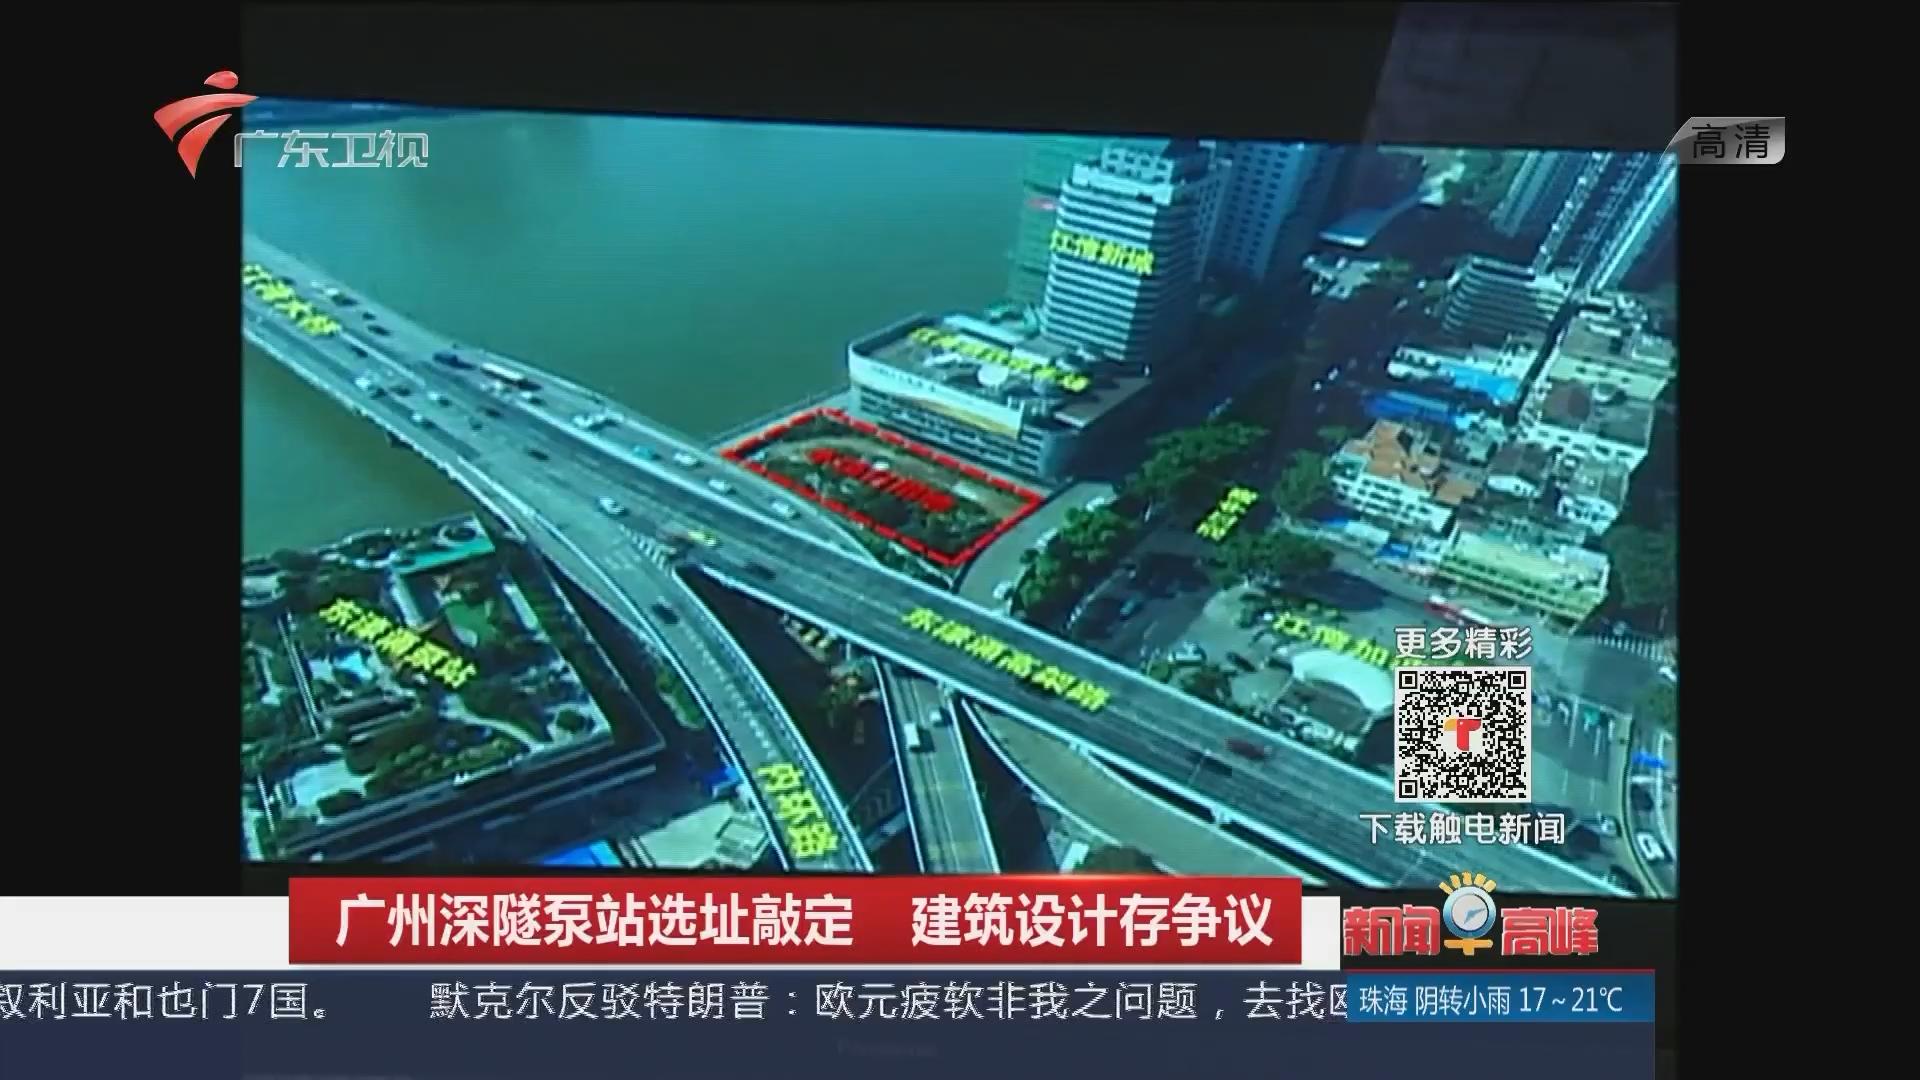 广州深隧泵站选址敲定 建筑设计存争议